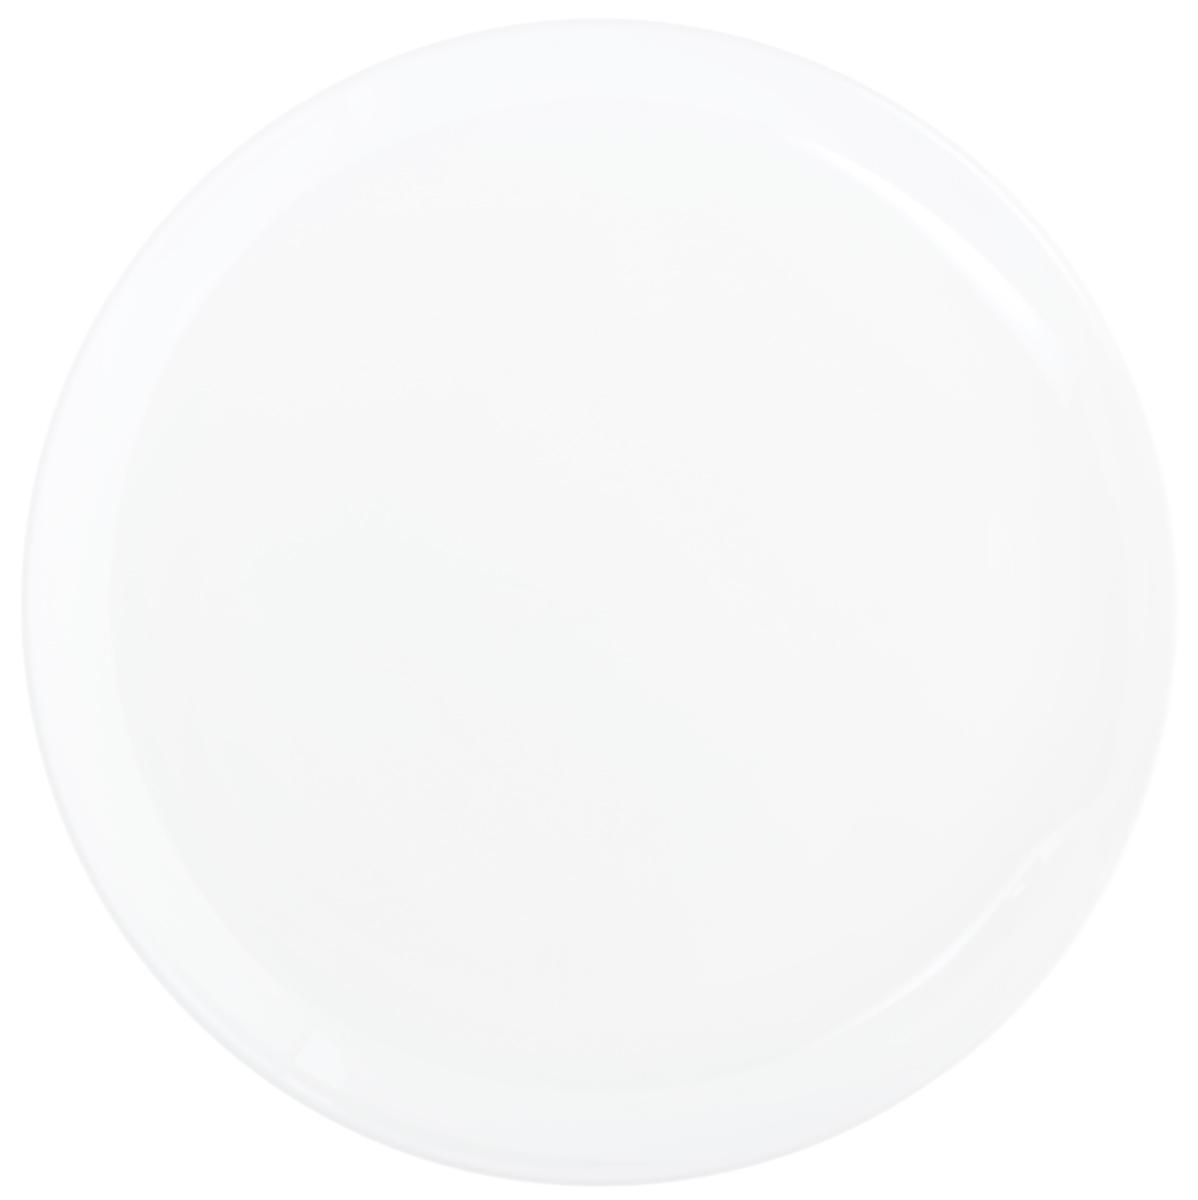 Тарелка обеденная Luminarc Diwali, диаметр 25 см тарелка обеденная luminarc sofiane blue 25 25 см page 3